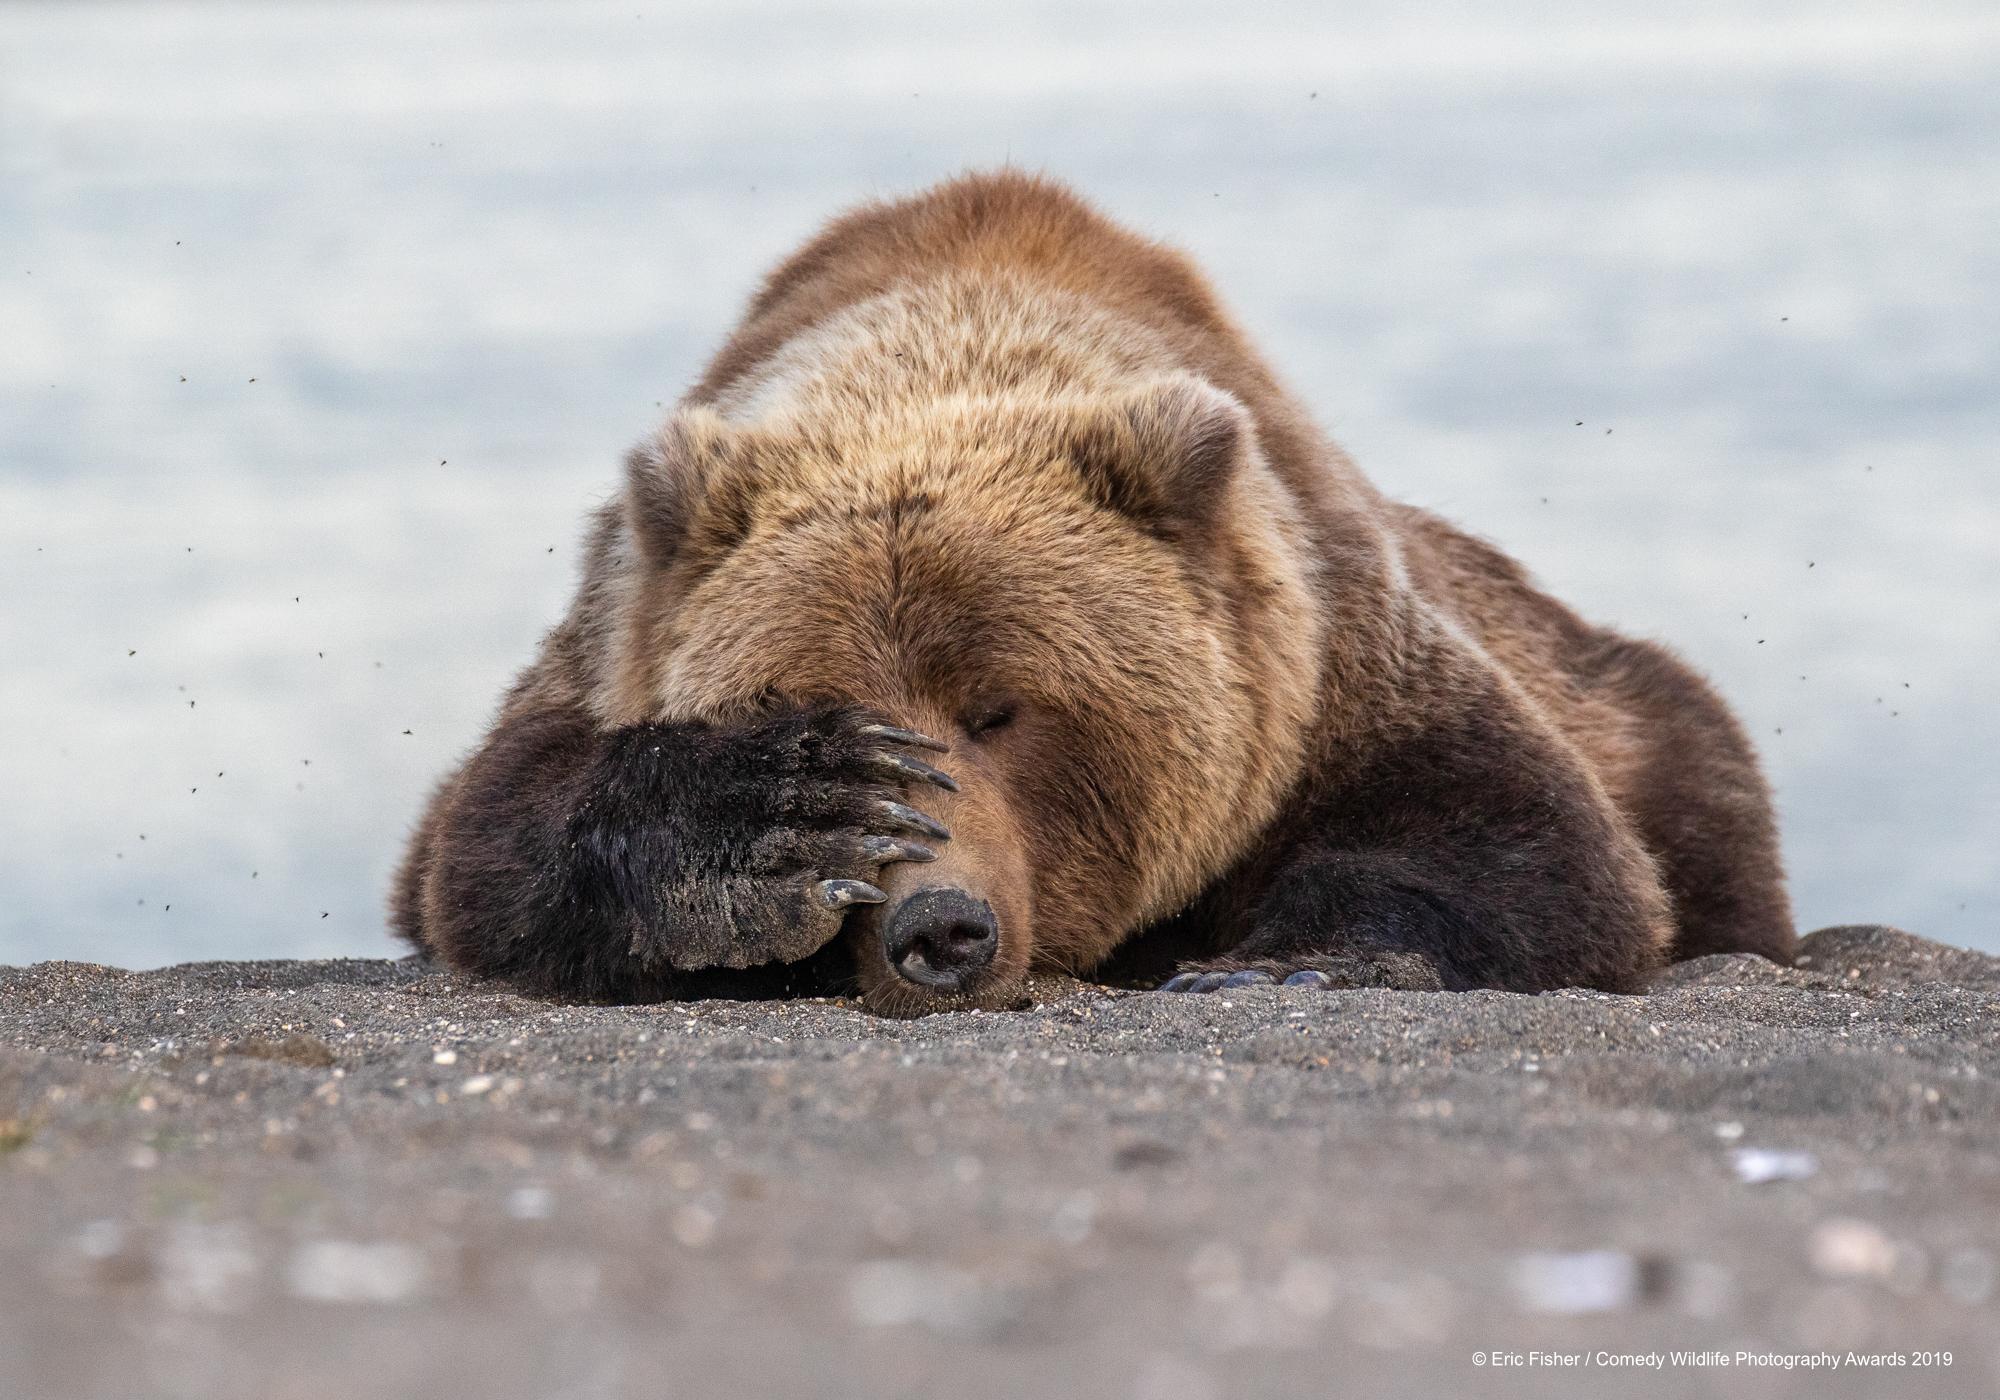 Smeđi medvjed na Aljasci, snimio Eric Fisher